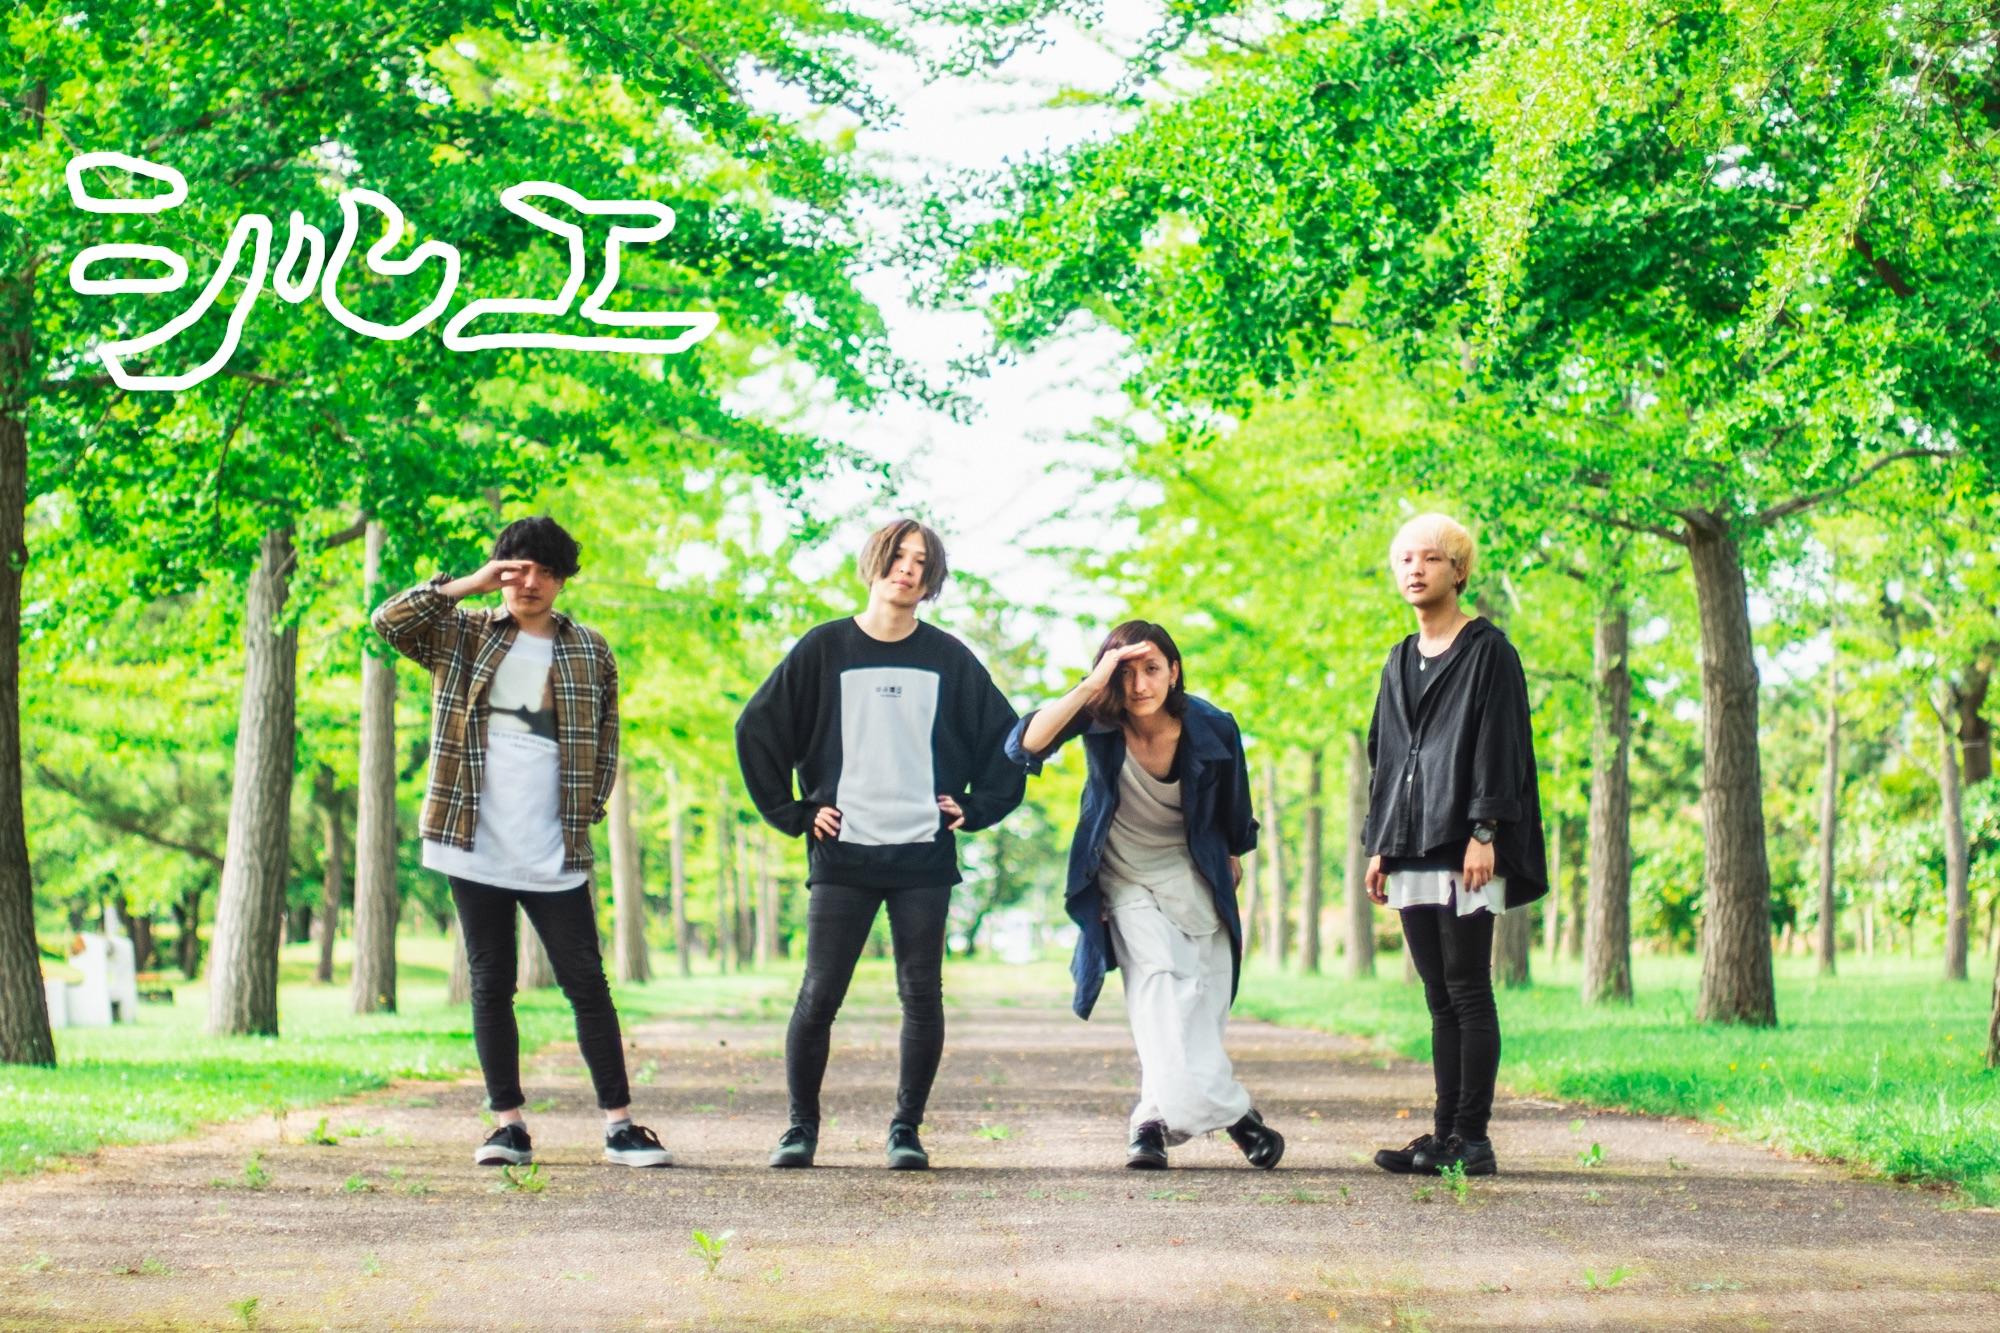 【注目の学生アーティスト】新潟在住のフリーロックバンド・シルエ、90年代を思わせる楽曲で狙うはドラマ主題歌!?